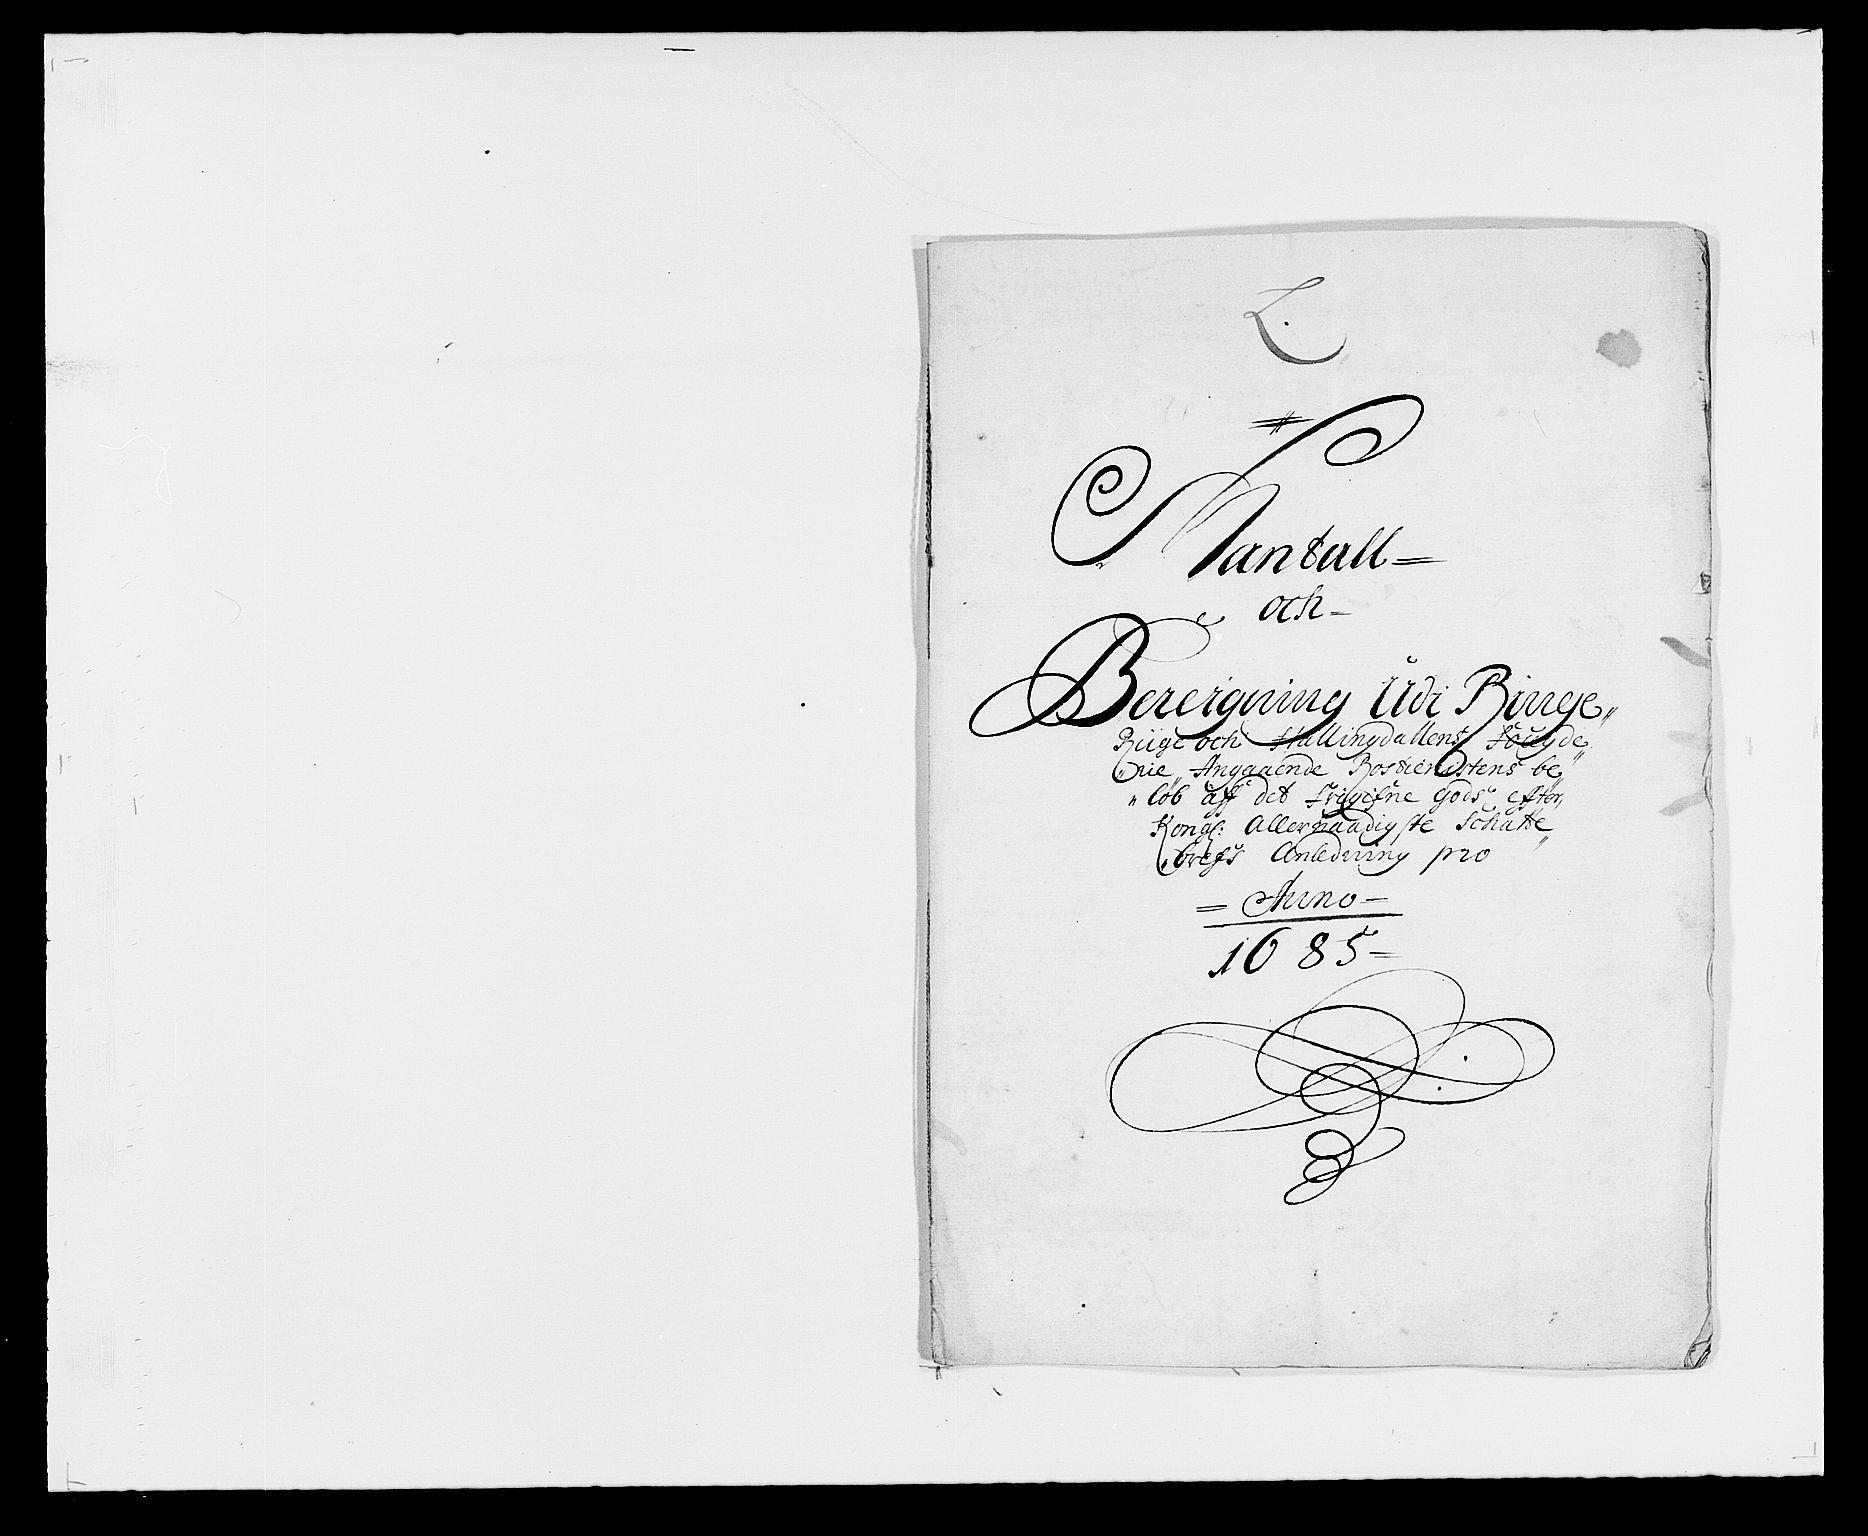 RA, Rentekammeret inntil 1814, Reviderte regnskaper, Fogderegnskap, R21/L1446: Fogderegnskap Ringerike og Hallingdal, 1683-1686, s. 388